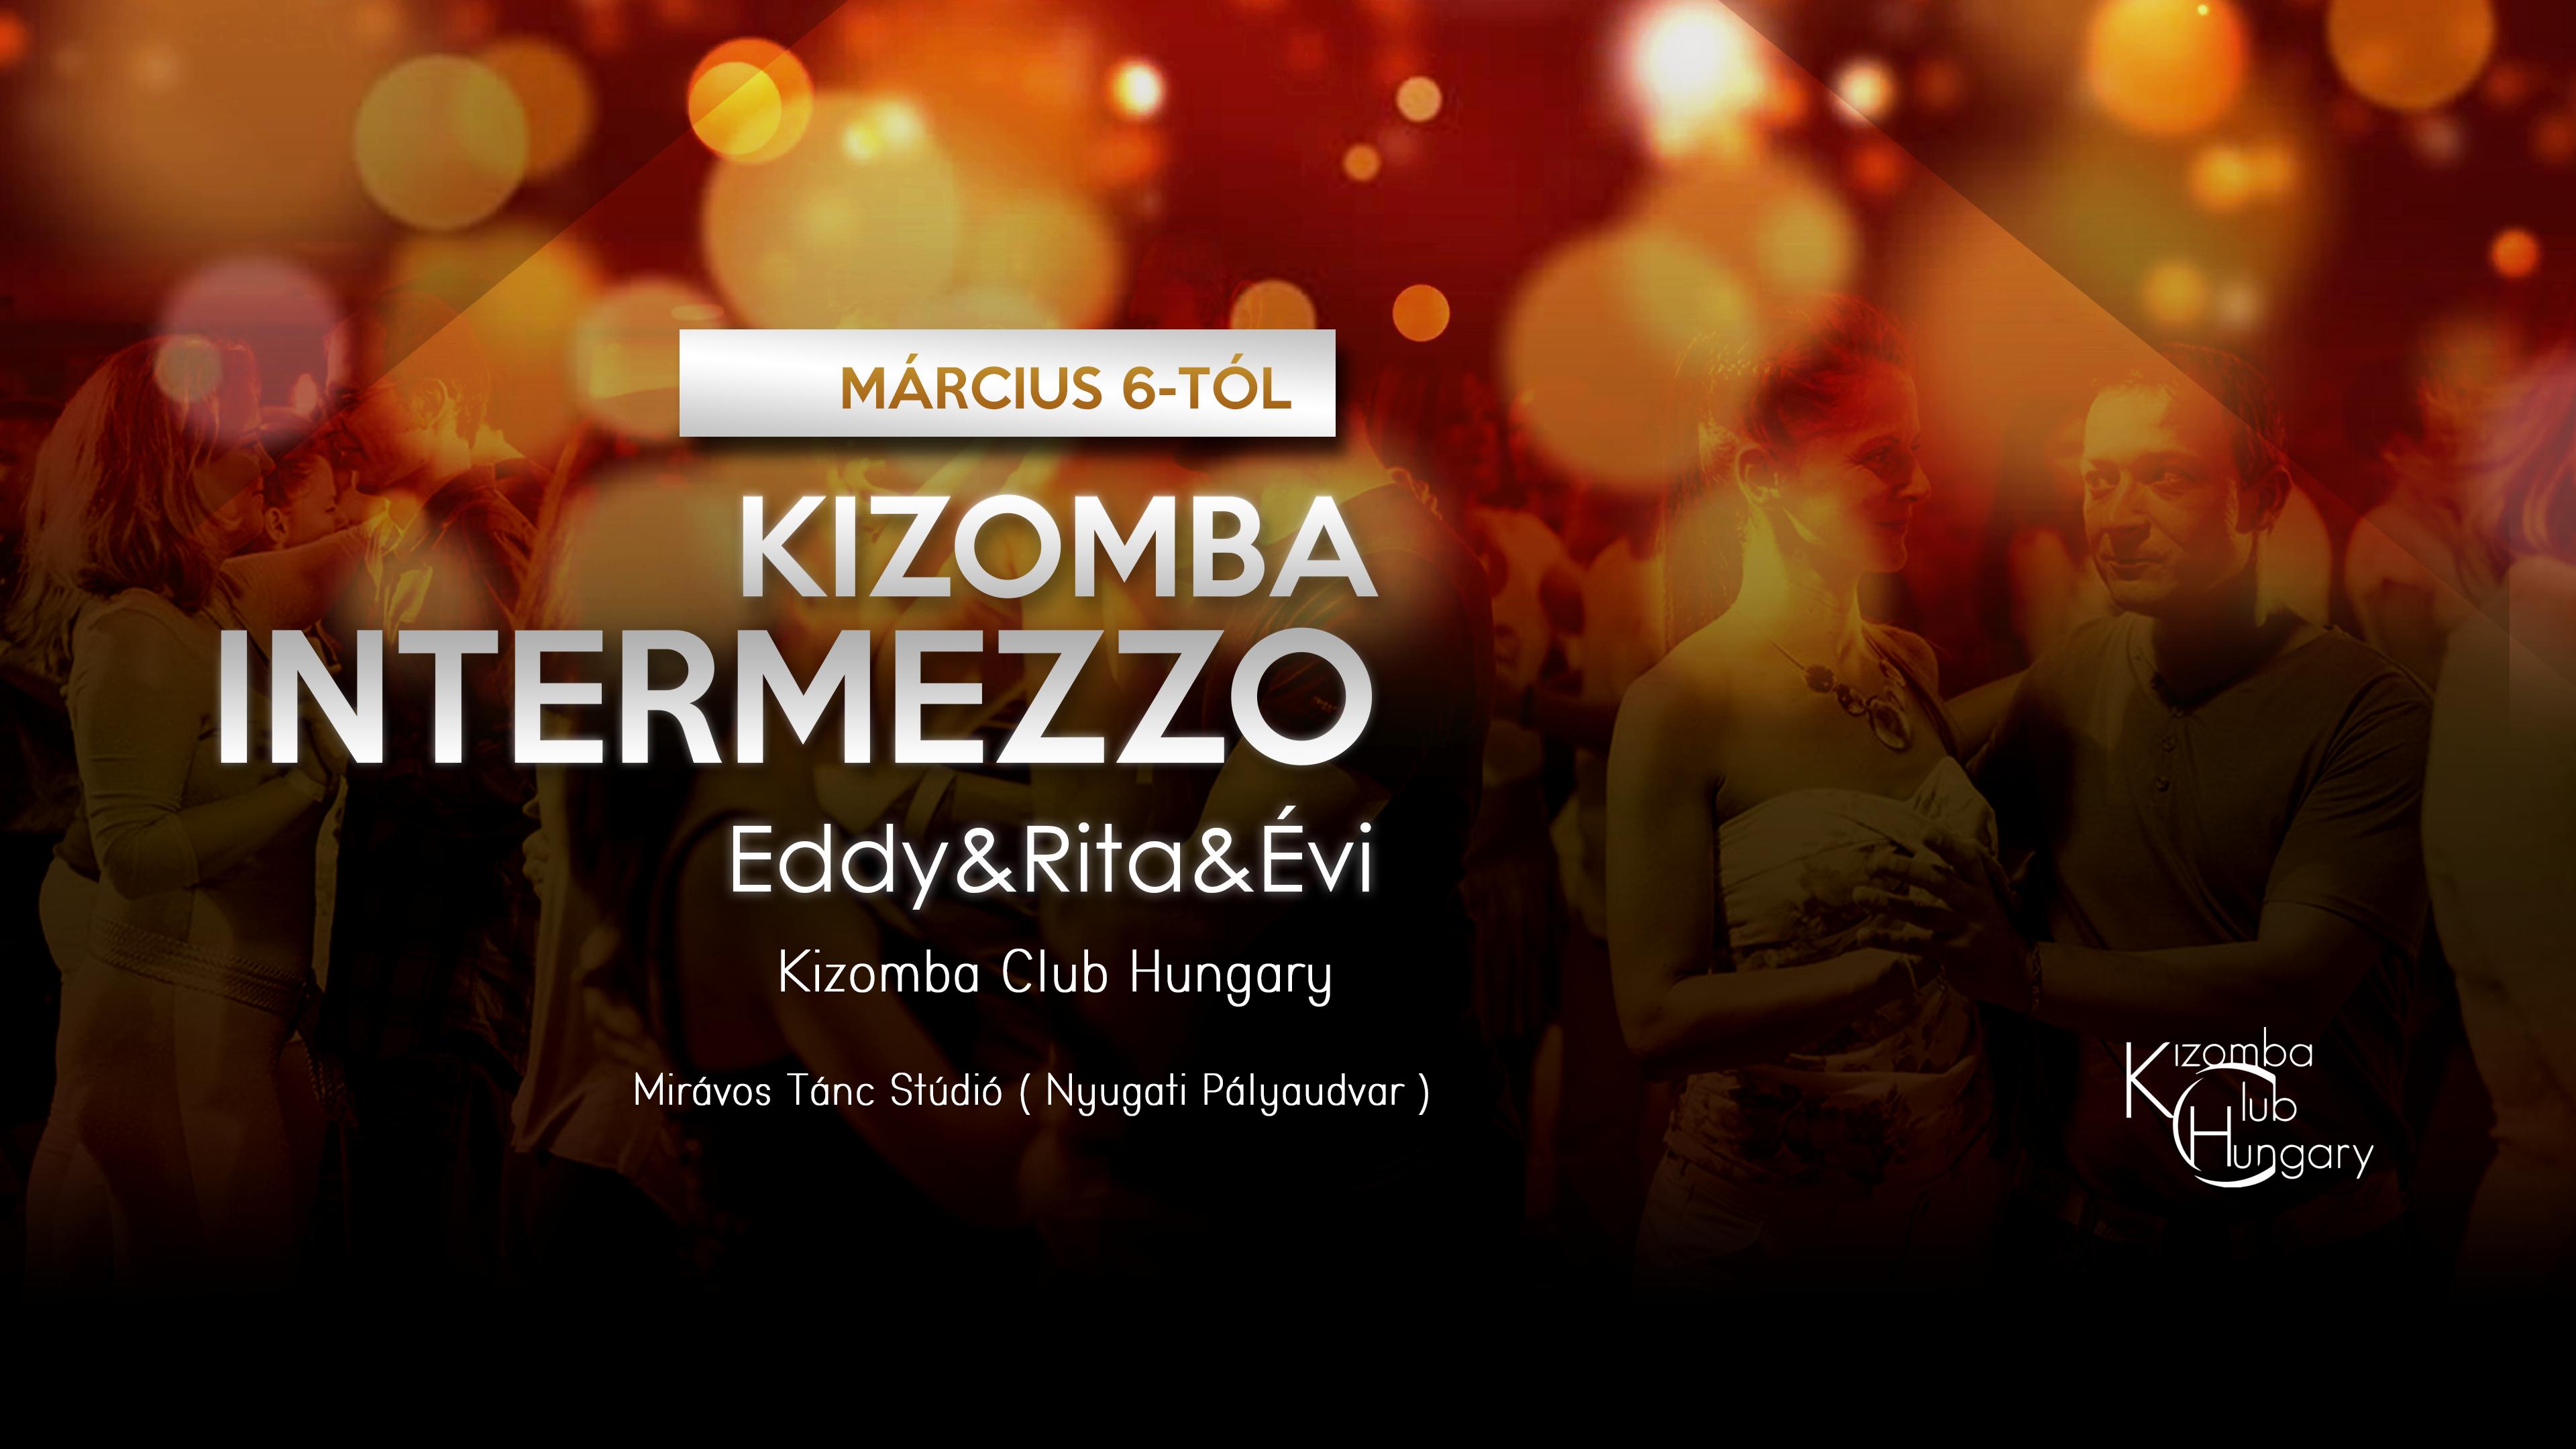 Kizomba Intermezzo - Eddy&Rita&Évi (KCH)